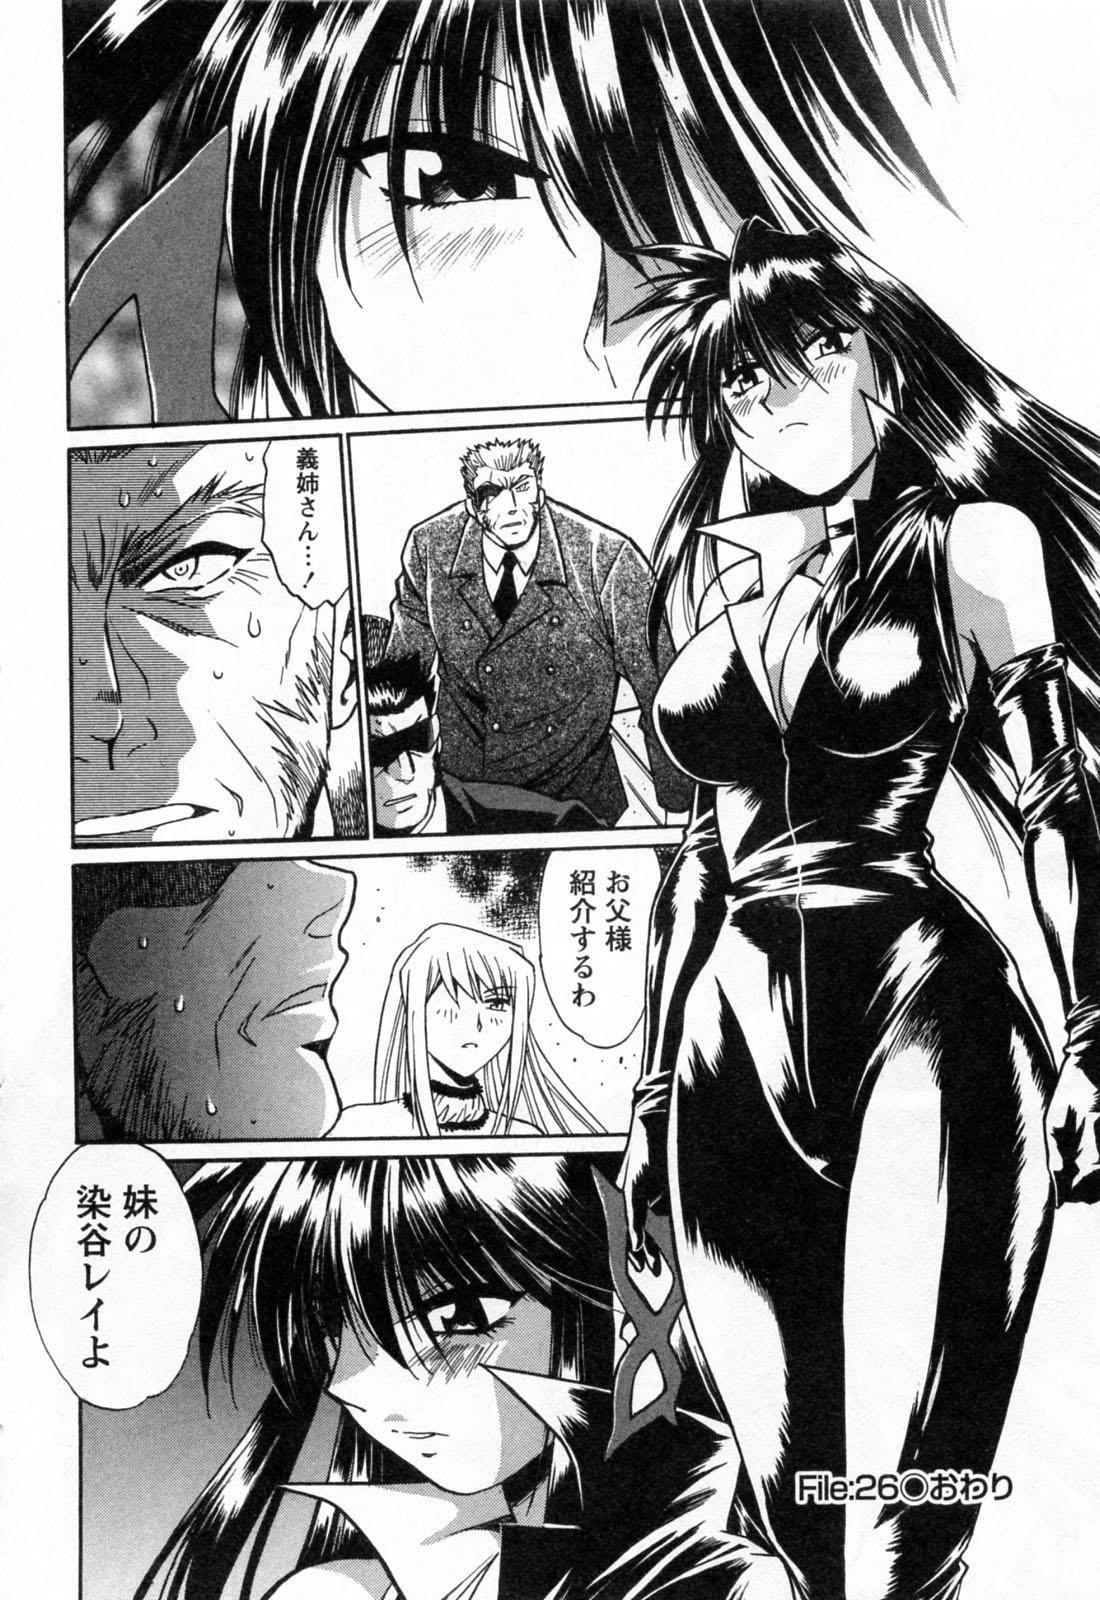 Makunouchi Deluxe 3 197